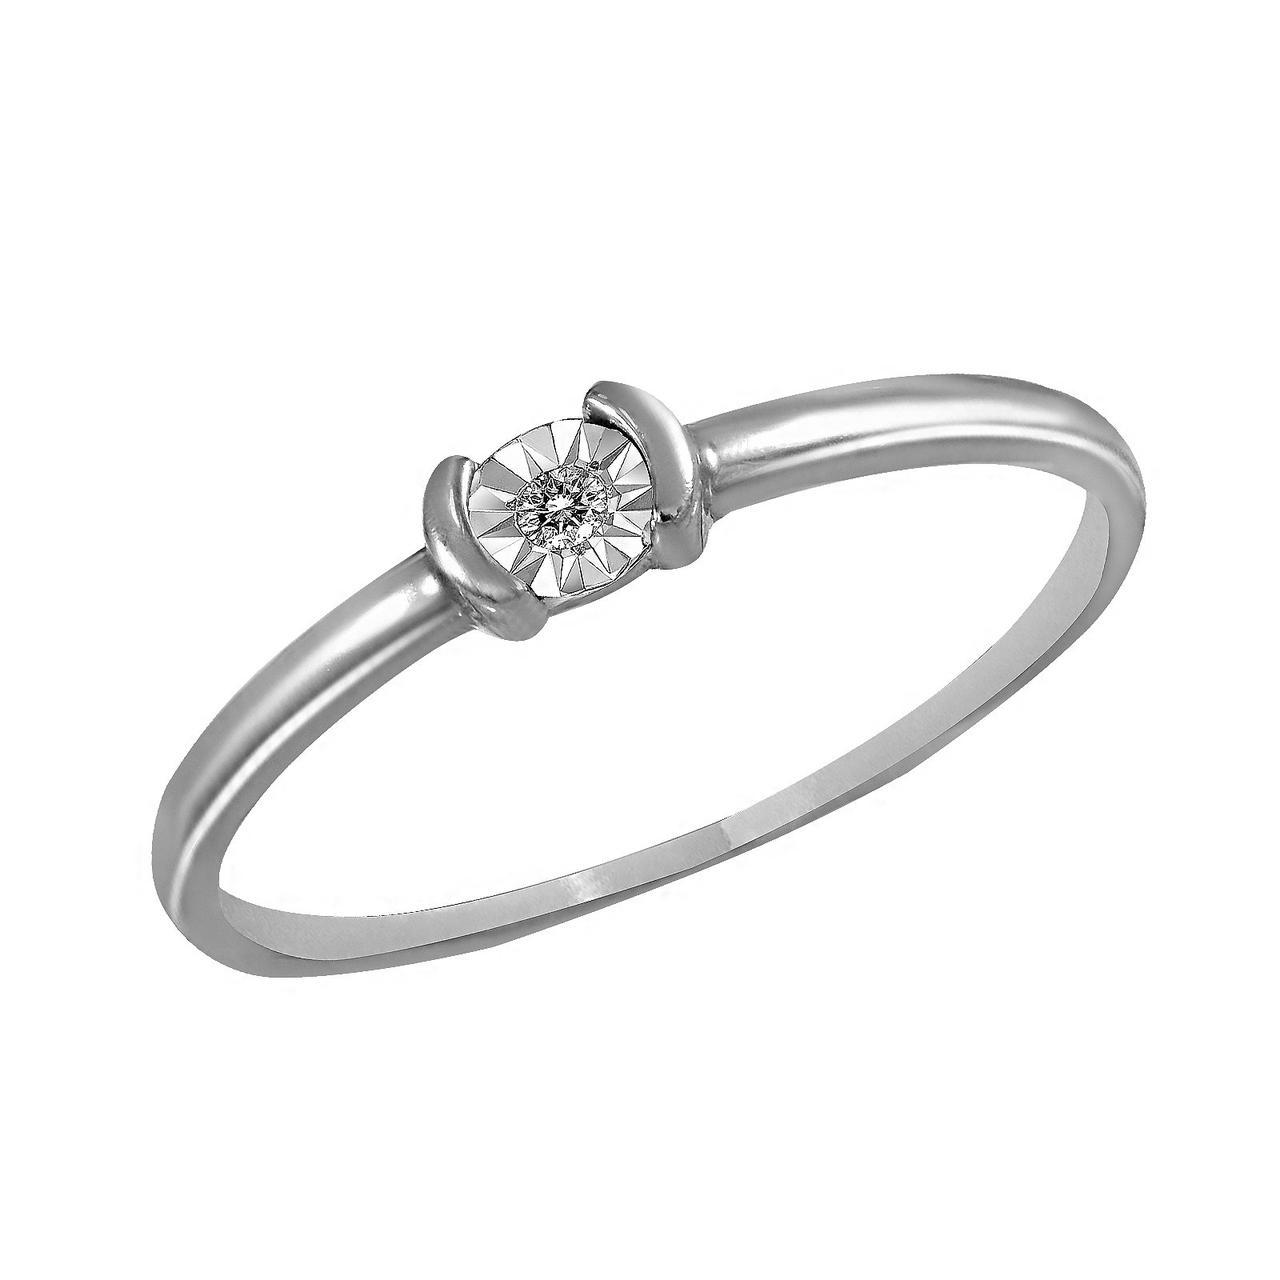 Золотое кольцо с бриллиантом, размер 16 (019405)